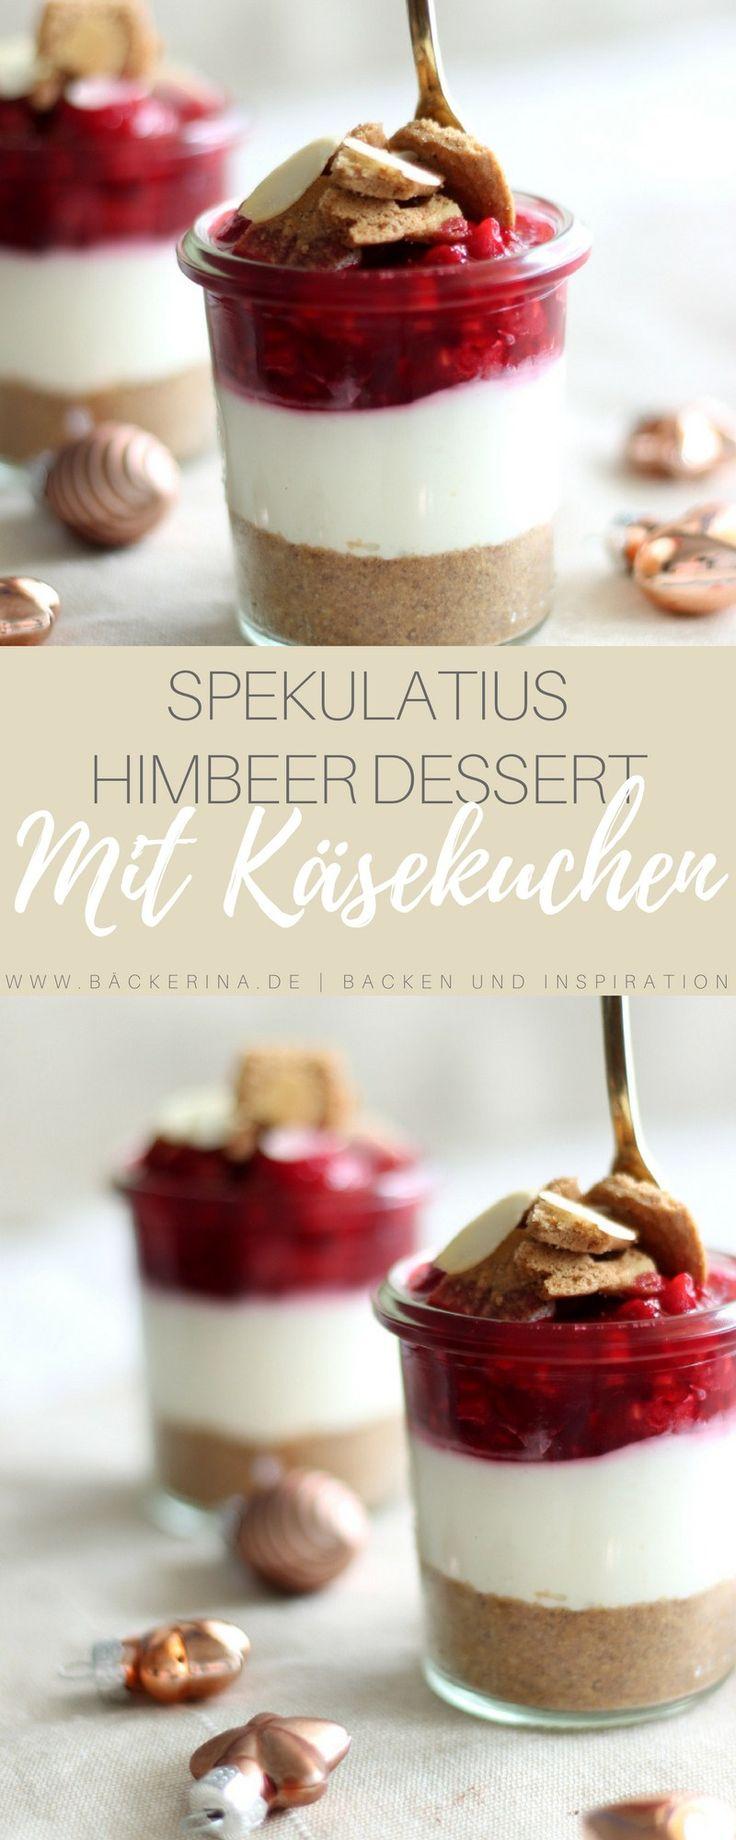 Dieses einfache Spekulatius Himbeer Dessert ist der perfekte Abschluss für dein Weihnachtsmenü! Schnell gemacht, gut vorzubereiten und super lecker!